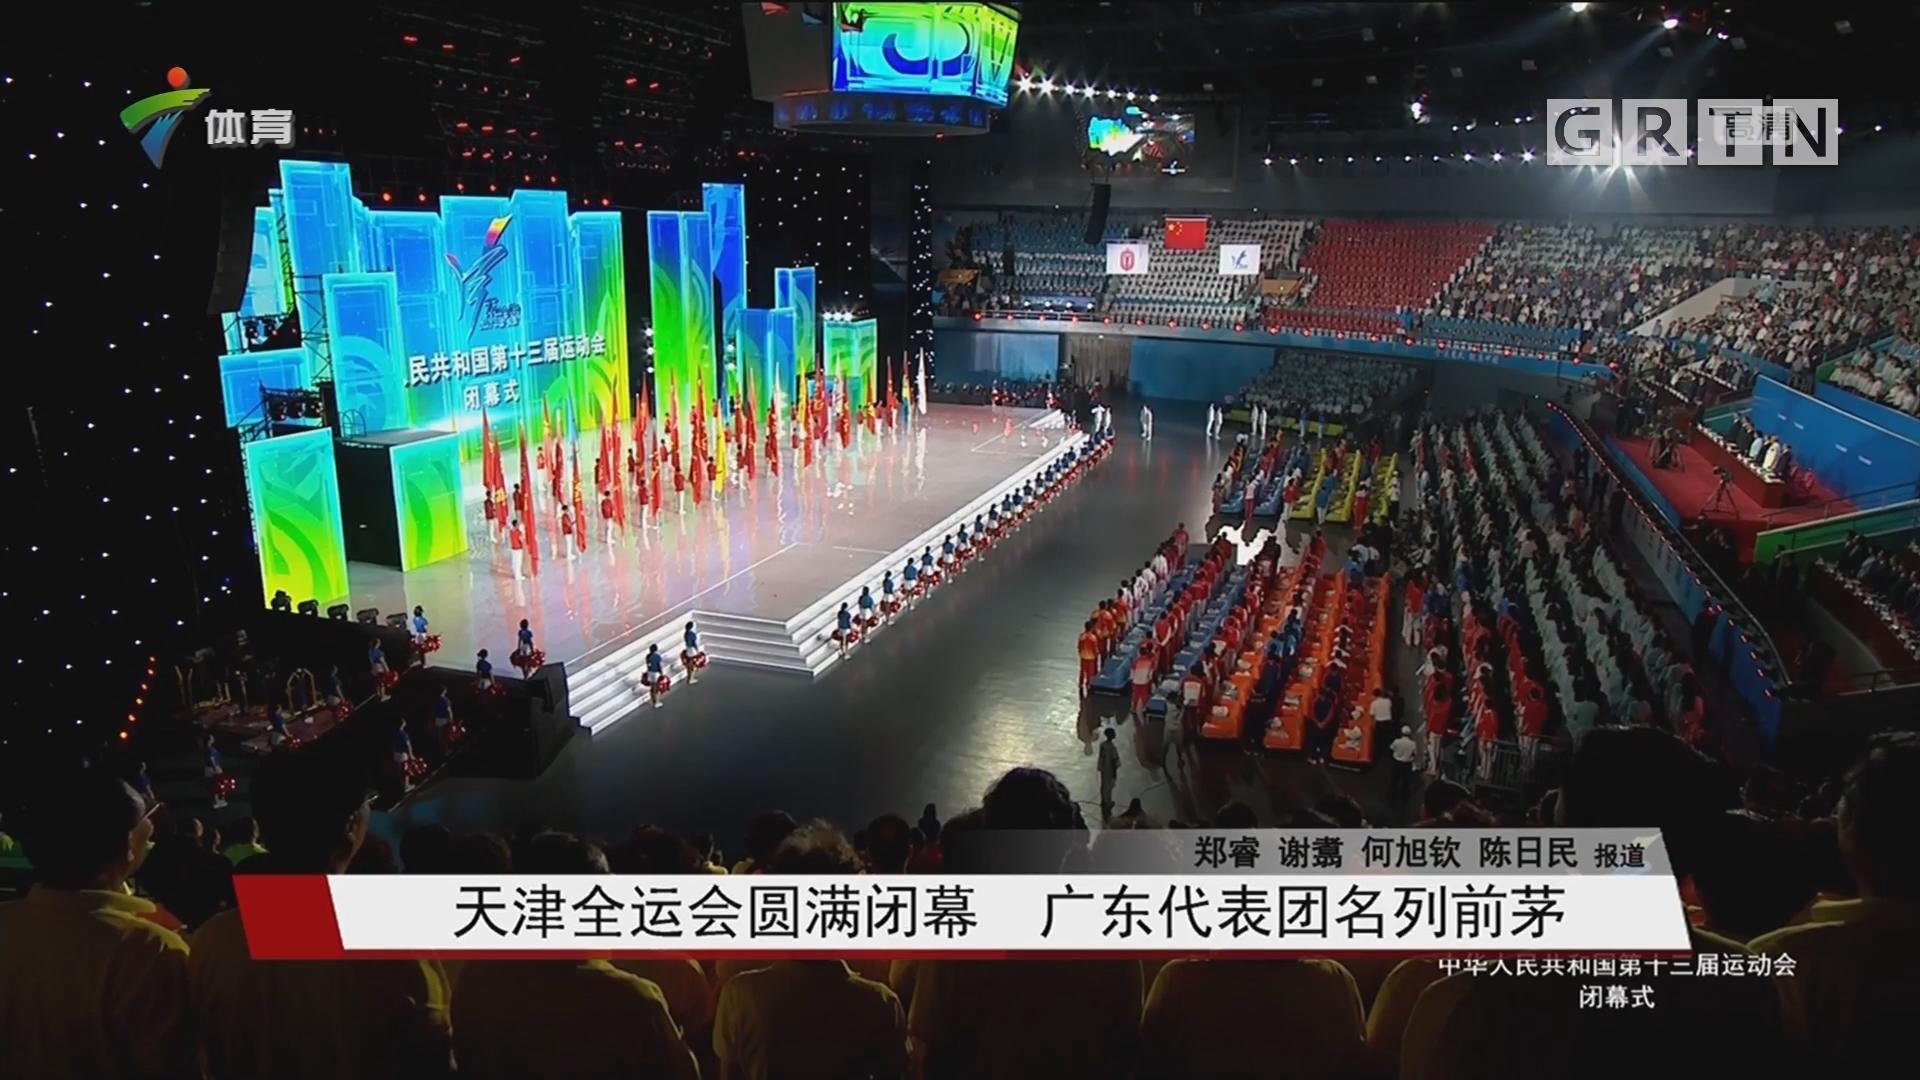 天津全运会圆满闭幕 广东代表团名列前茅